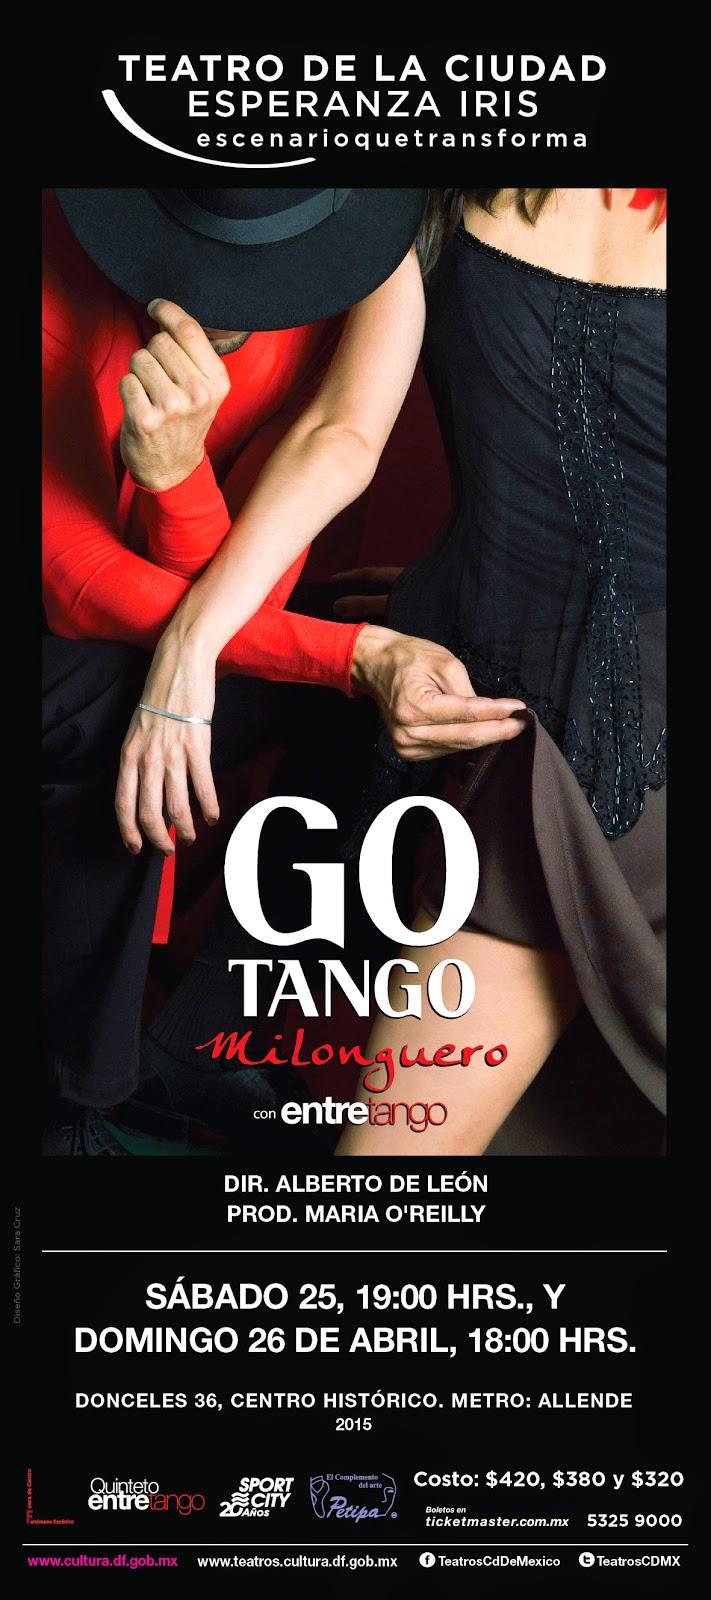 """El tango llega al Teatro de la Ciudad con """"Gotango milonguero"""" de Alberto de León"""